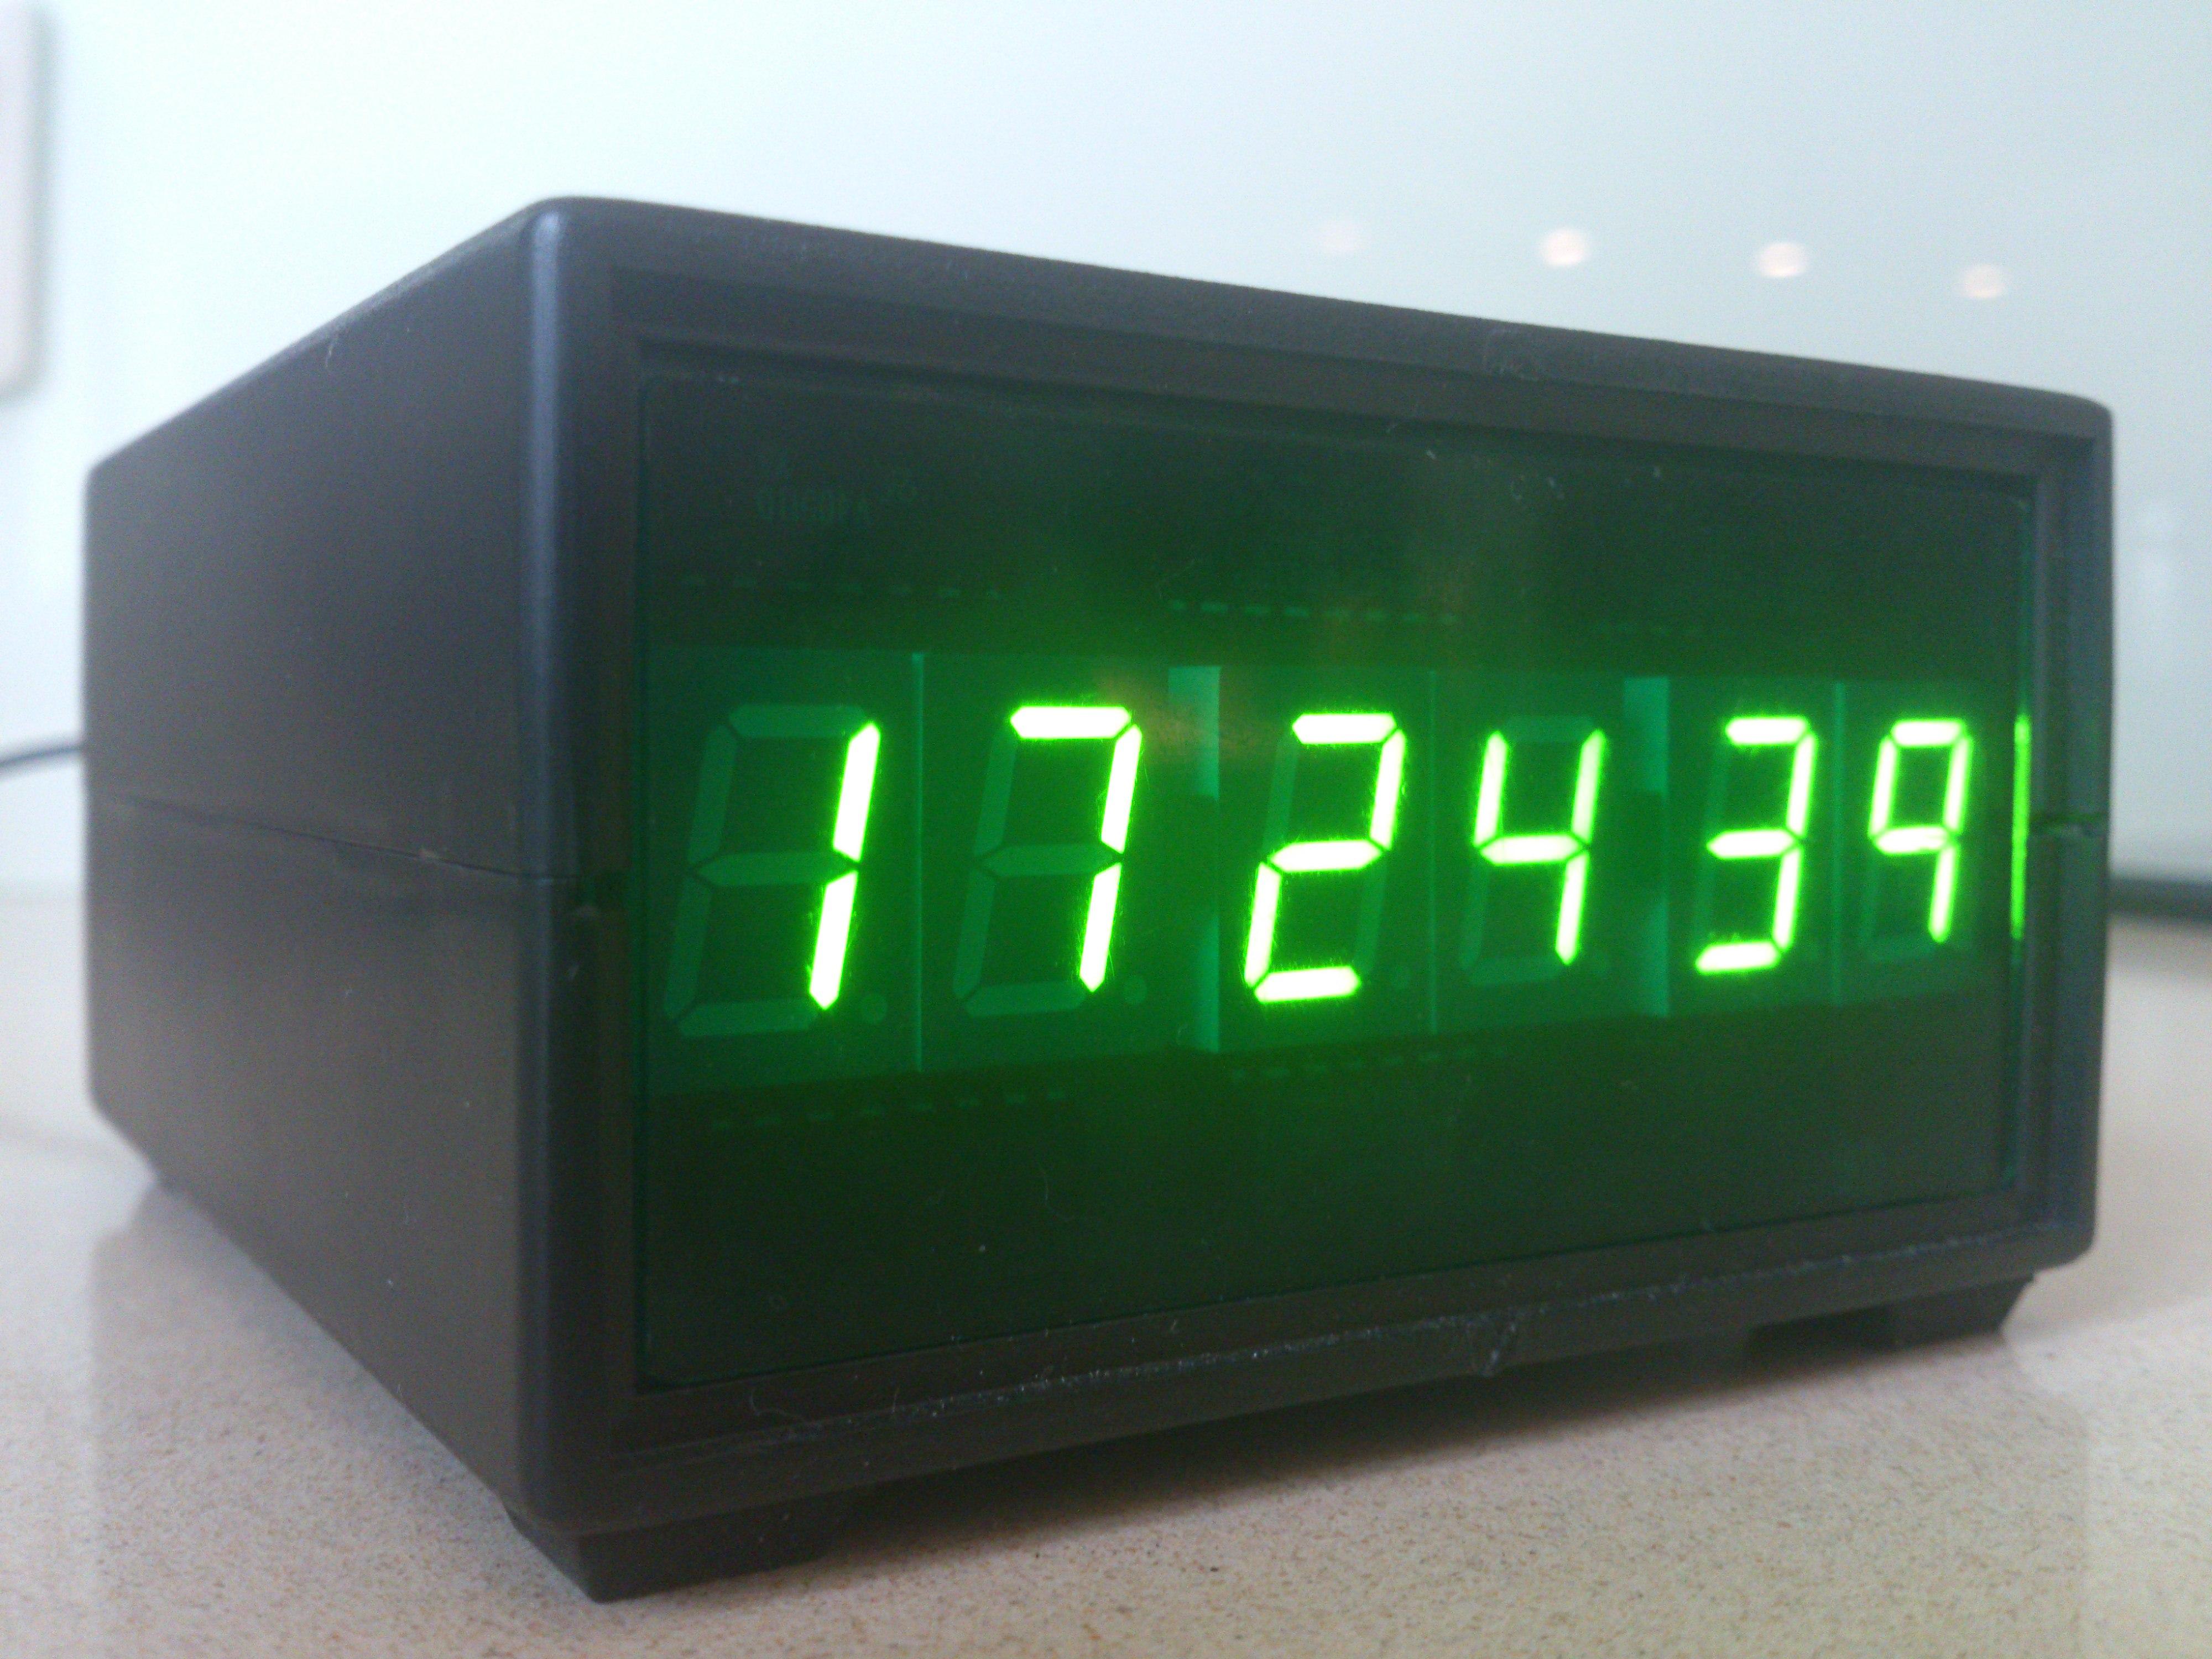 Zegarek na CMOSach z wy�wietlaczem led